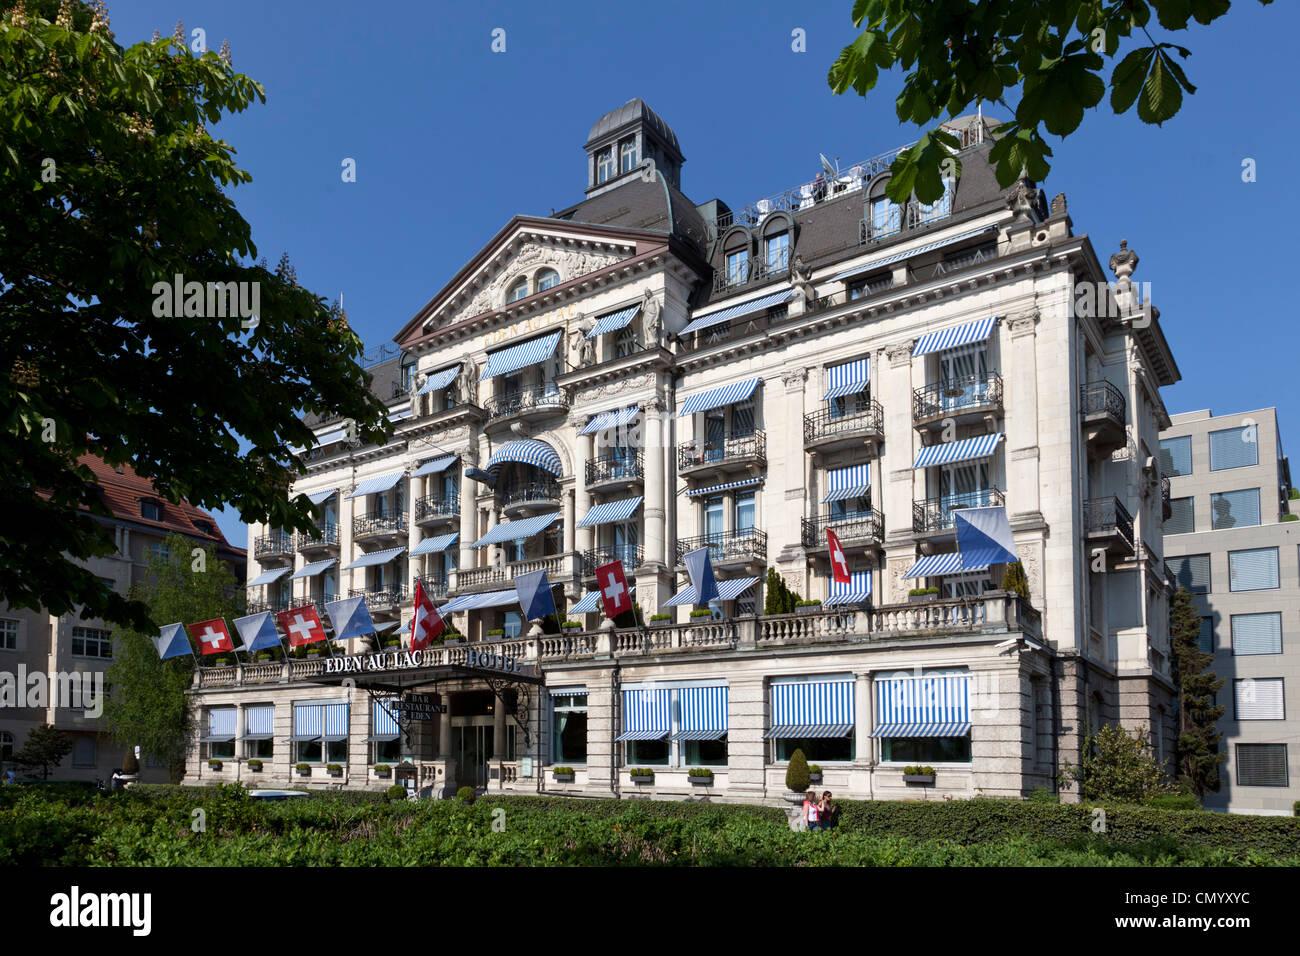 Hotel Eden au Lac, near Zurich lake promande, Zurich, Switzerland Stock Photo